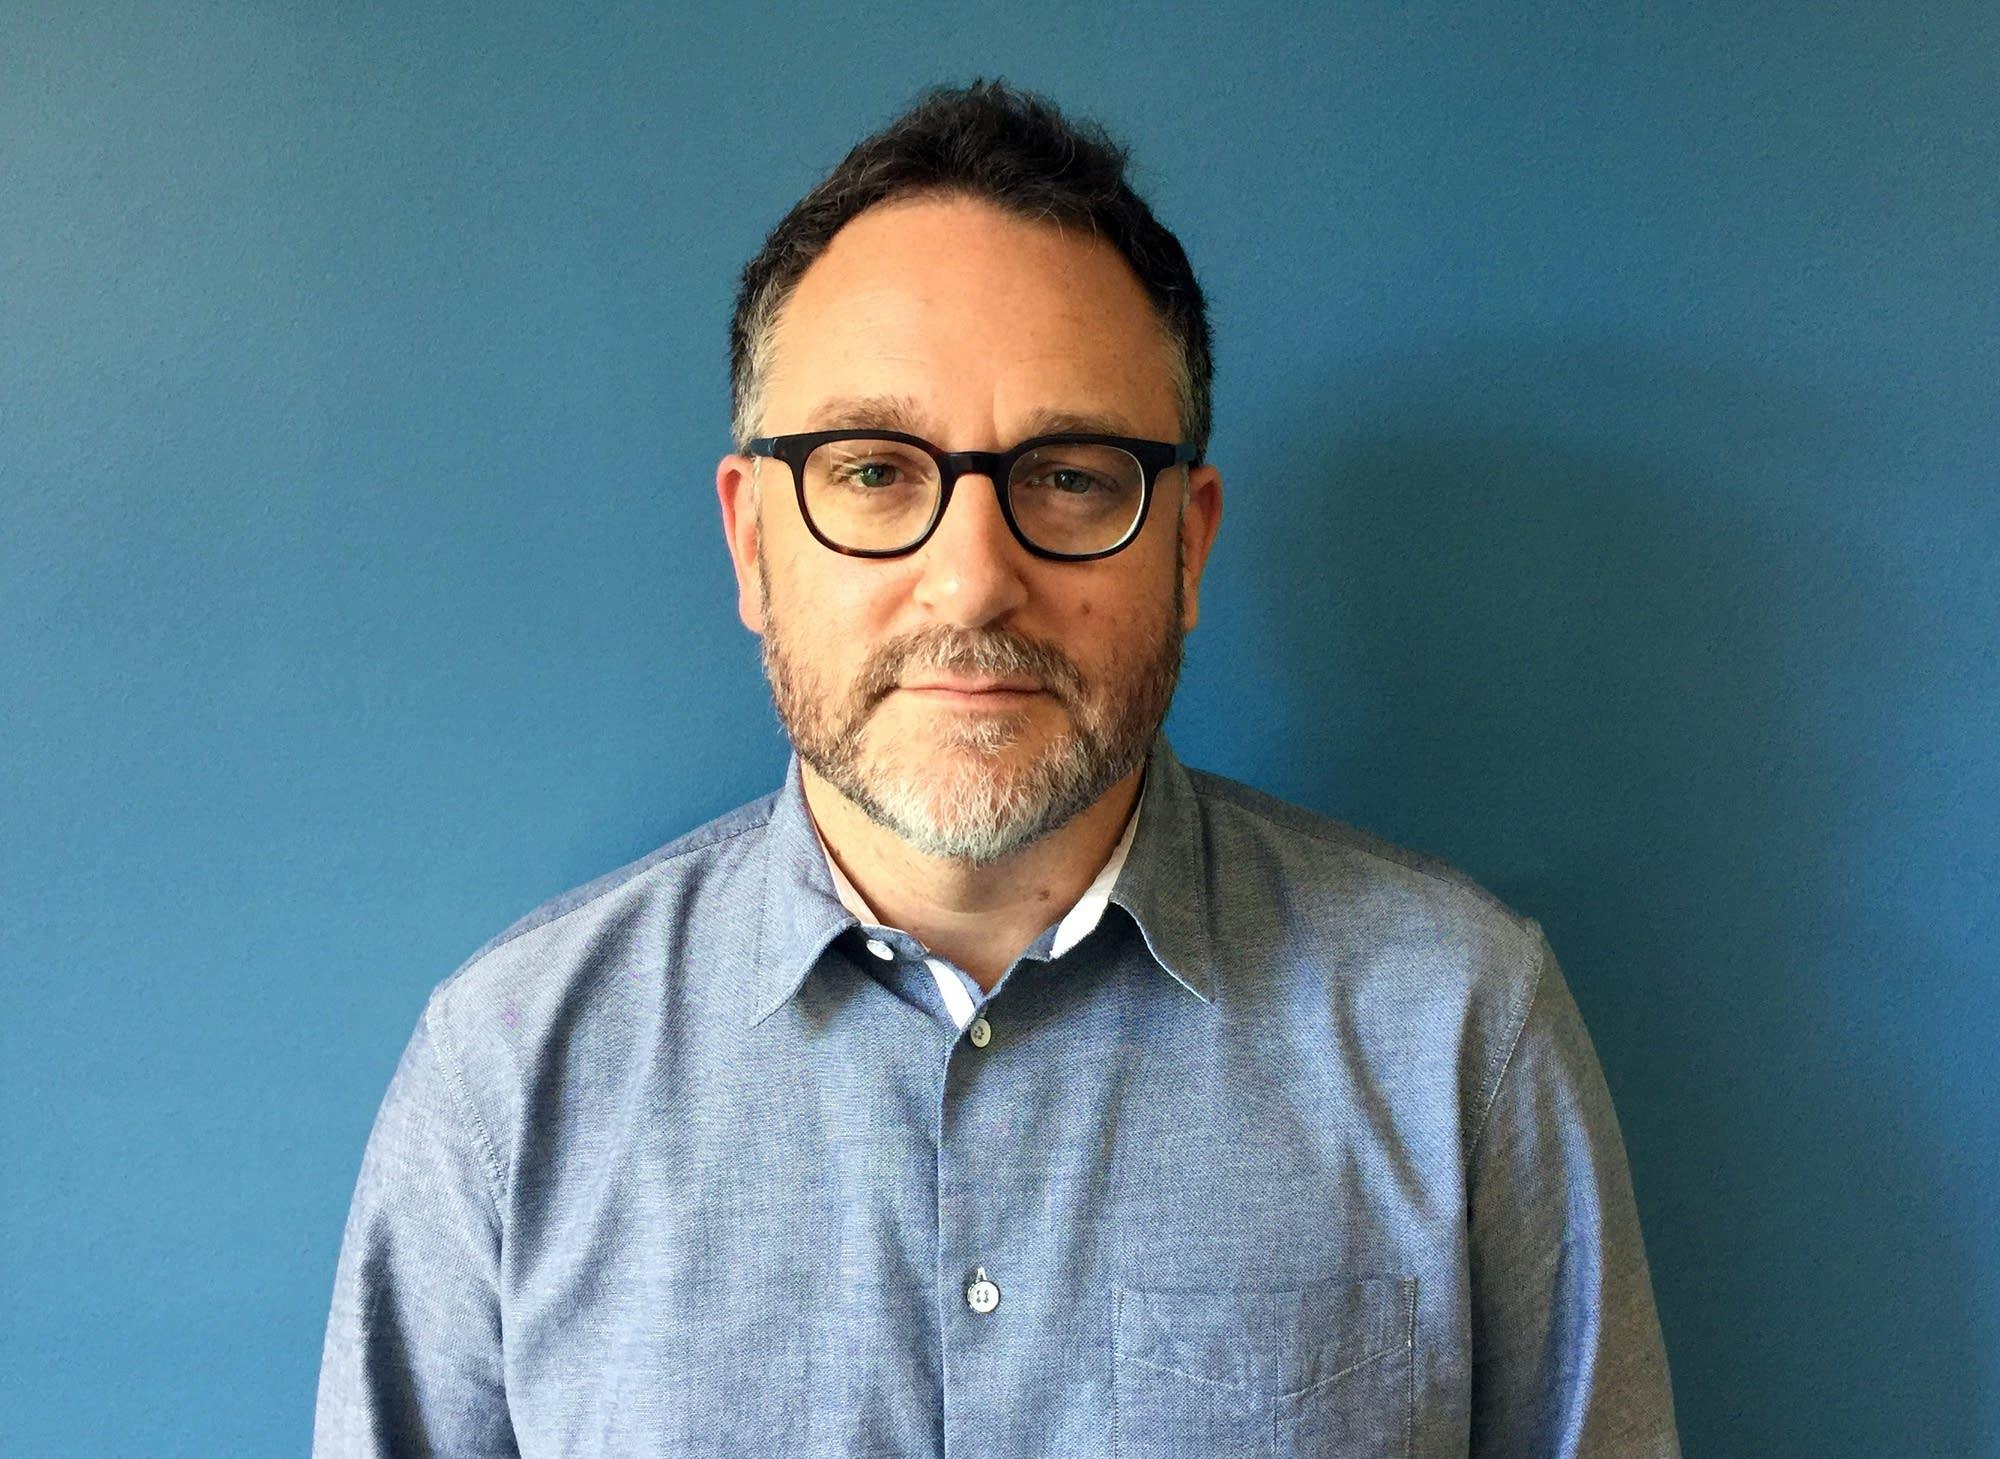 Director Colin Trevorrow